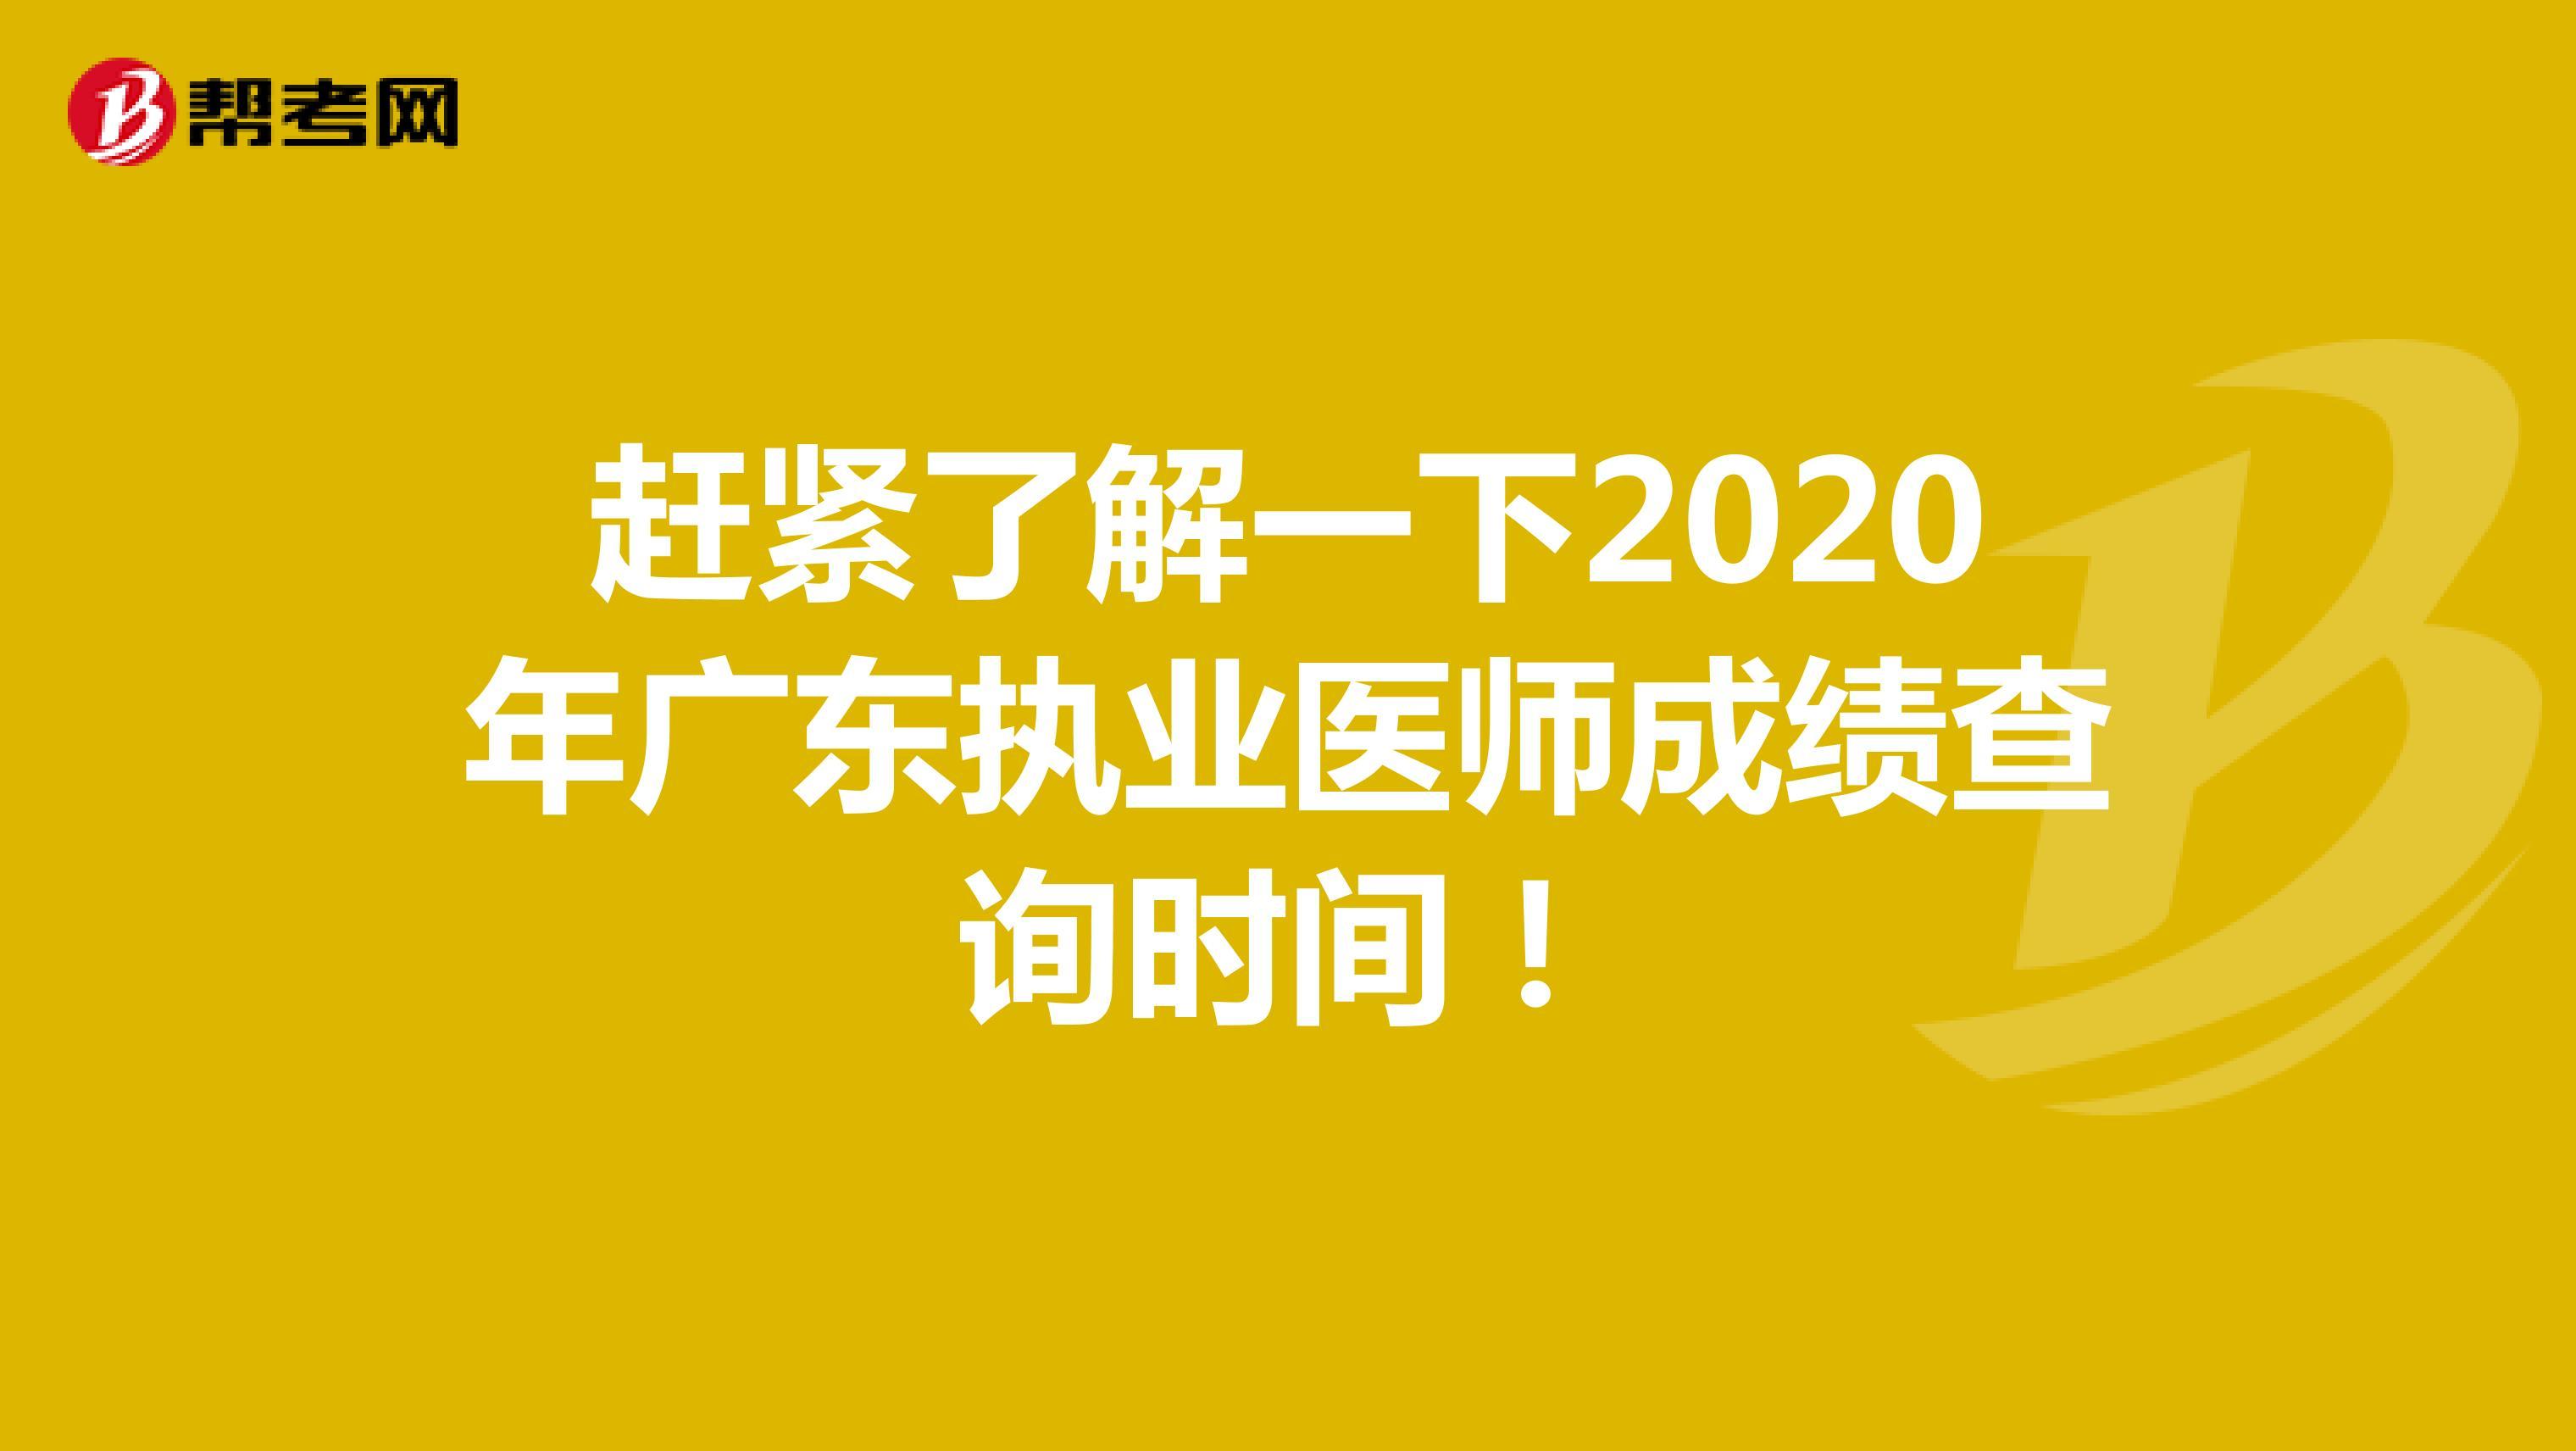 赶紧了解一下2020年广东执业医师成绩查询时间!